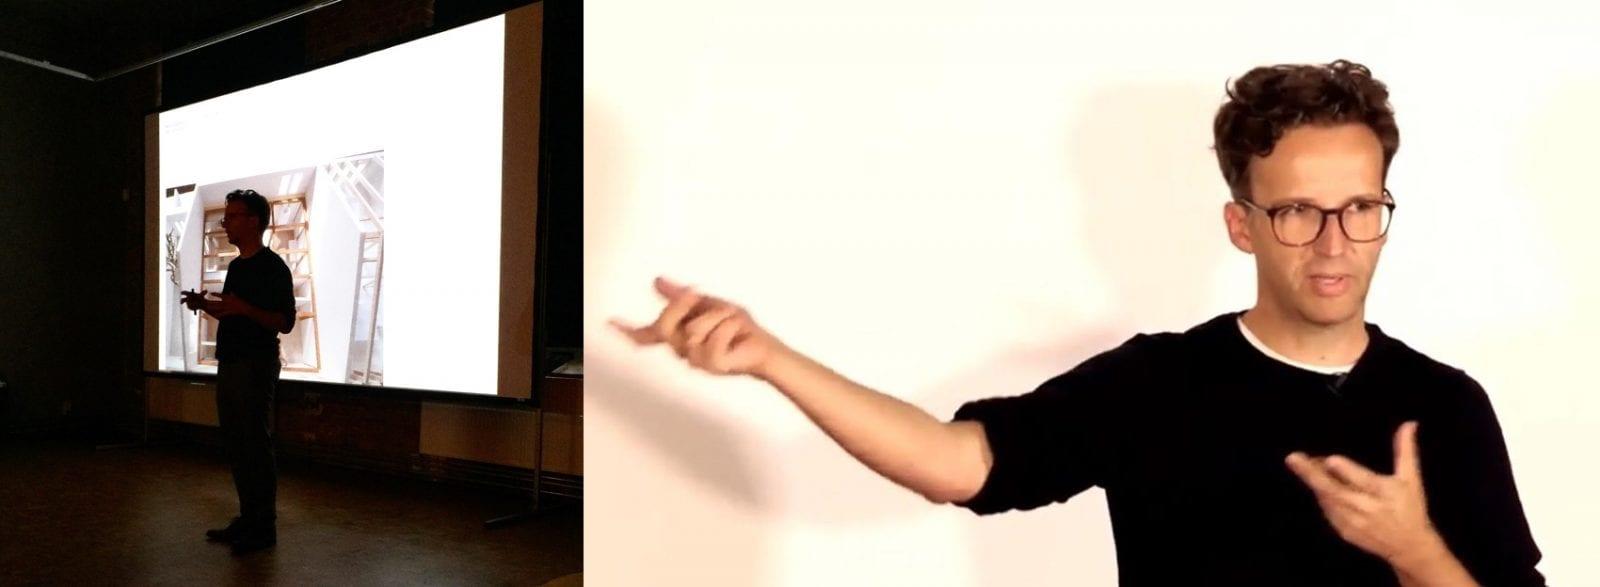 Vortrag von Sebastian Thaut (atelier ST, Leipzig) bei den Dachkult-Rooftop Talks #9 (Fotos: Eric Sturm und Dachkult)